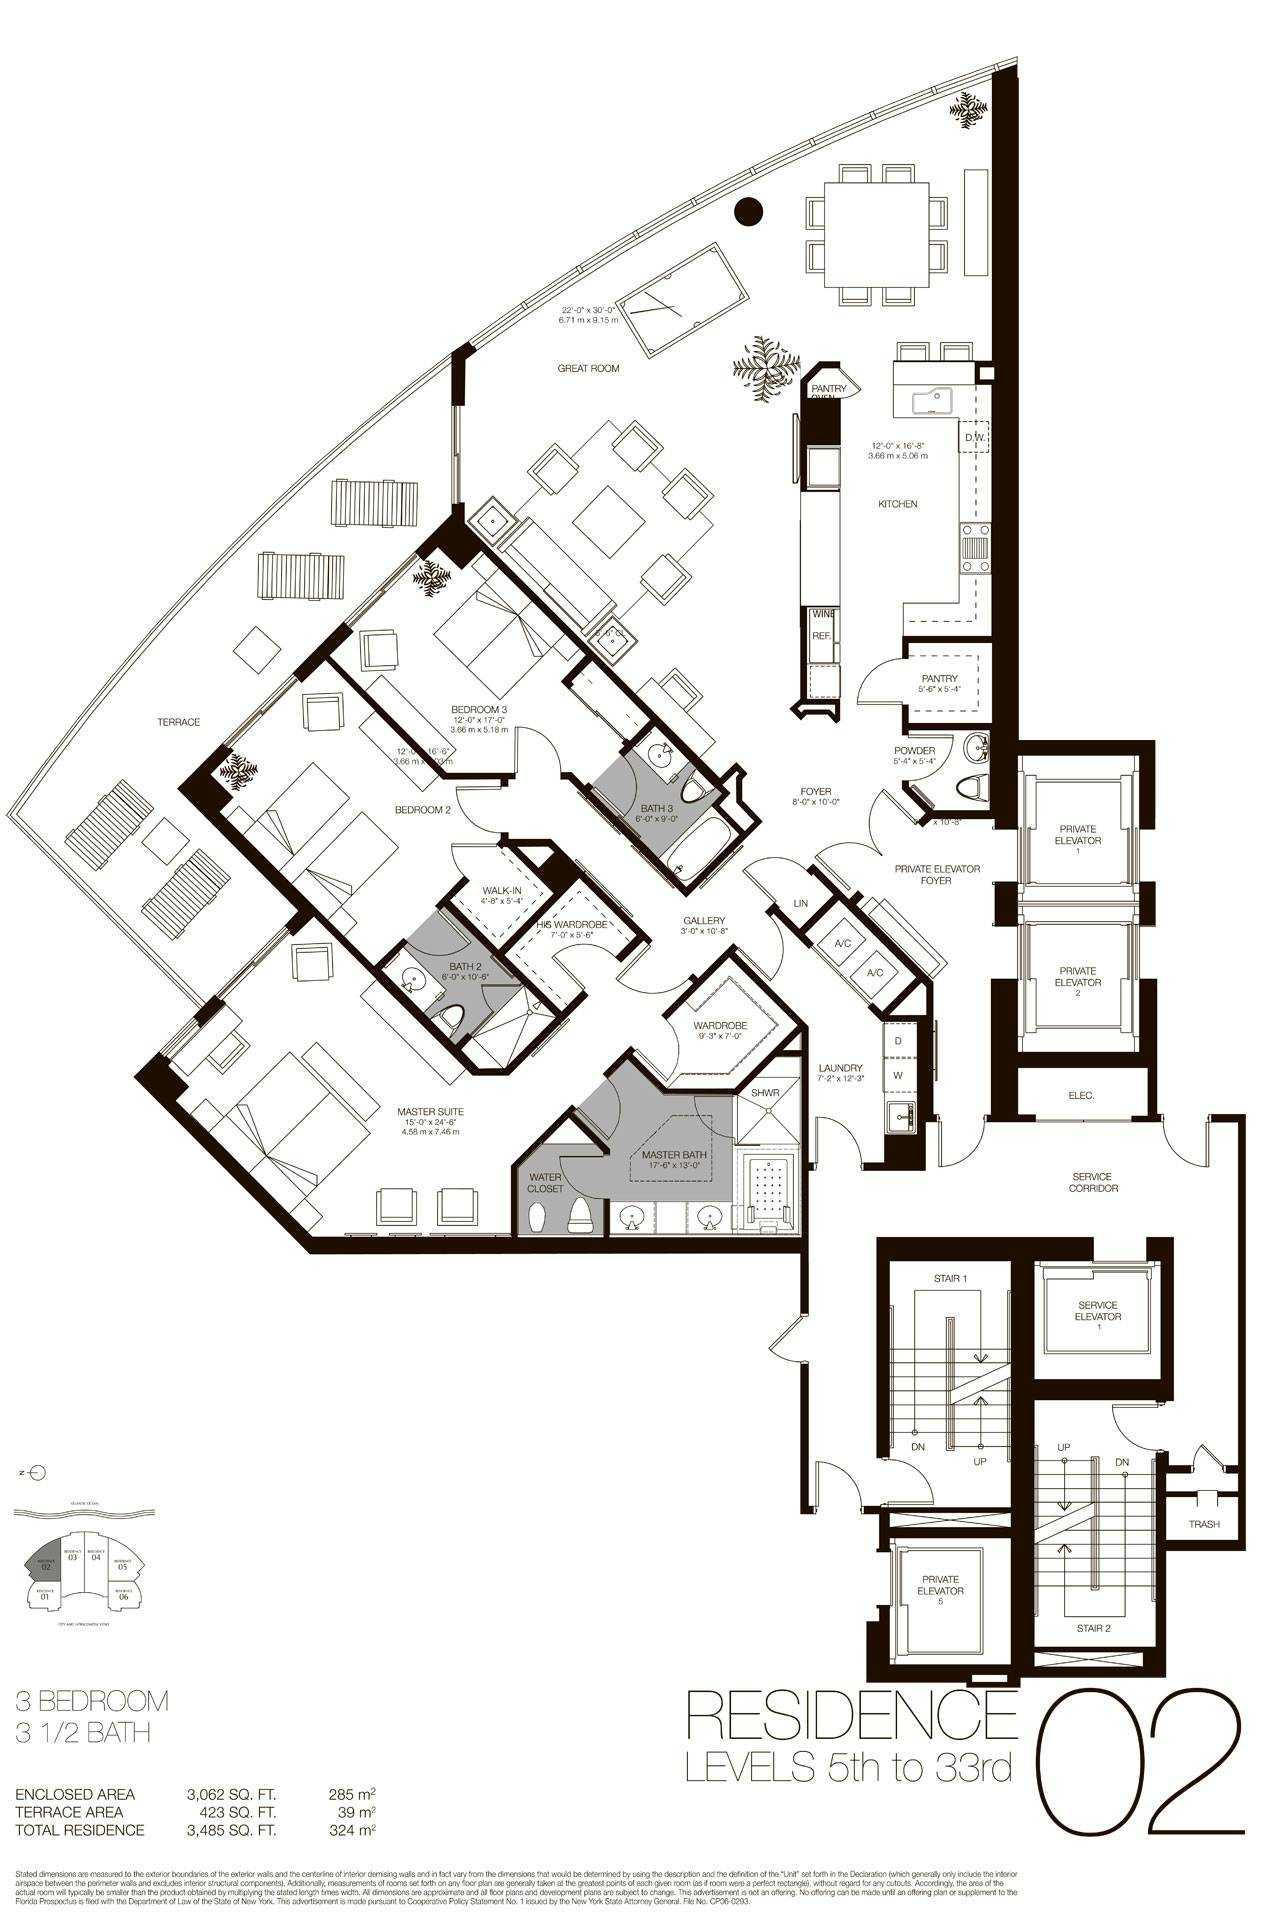 Residences 02 - 05, Level 5-35